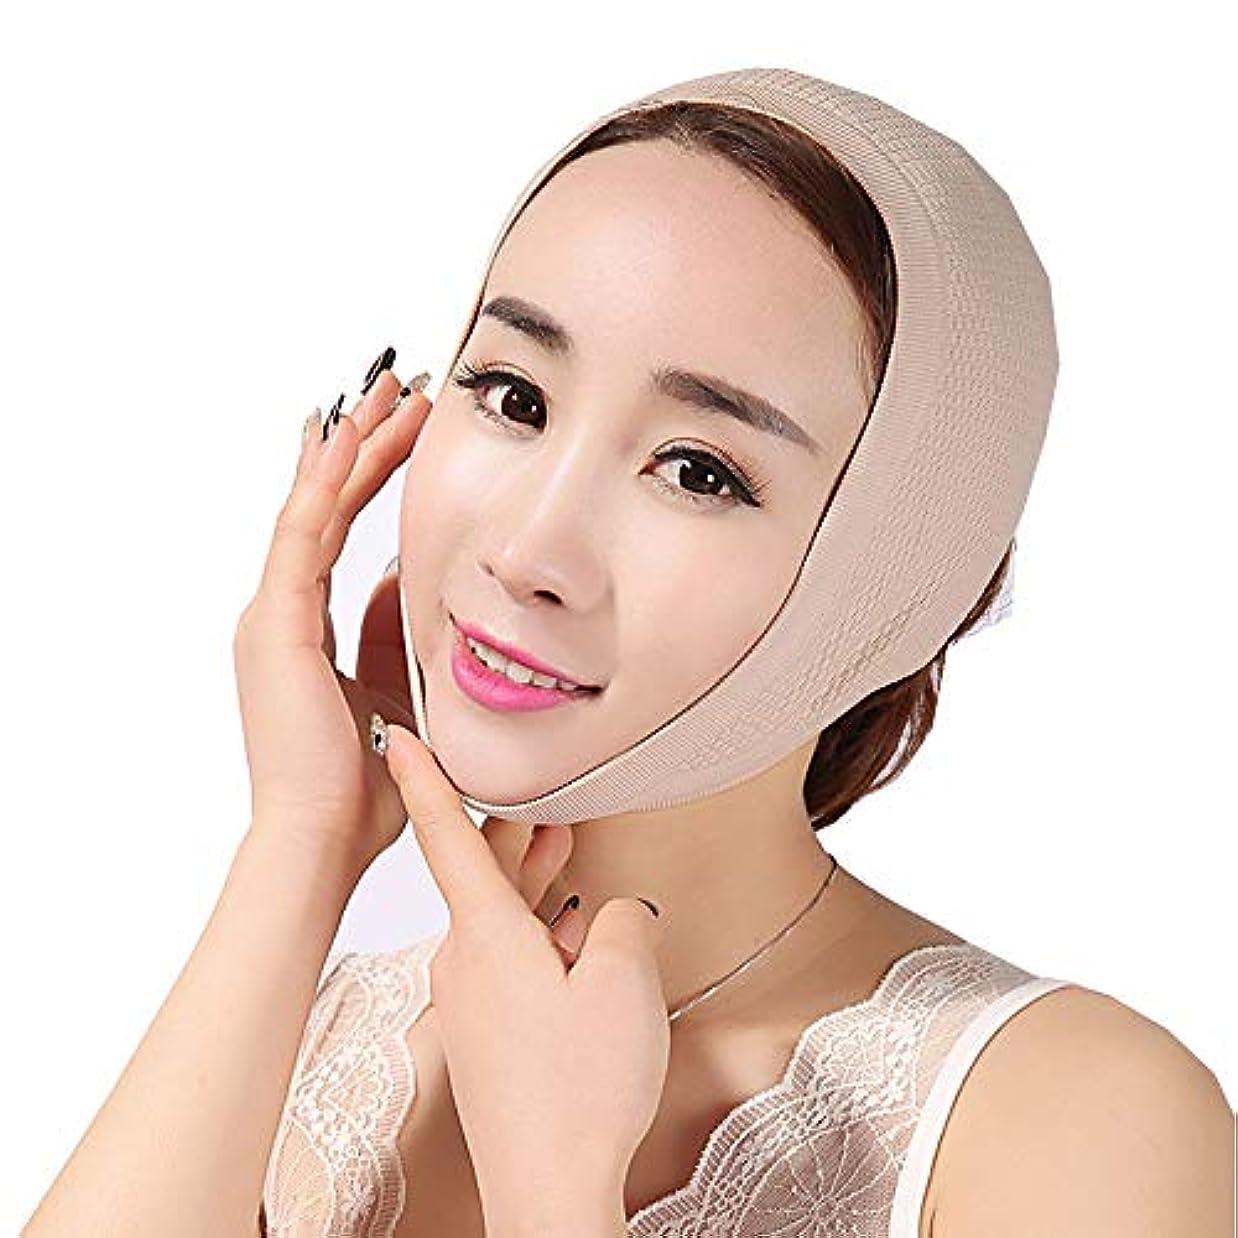 アンソロジーゴール豚GYZ フェイスマスクで眠る薄い顔フェイスリフトフェイスリフトアーティファクトスモールフェイスVフェイスリフト付きフェイスフェイス包帯引き上げジョーセット Thin Face Belt